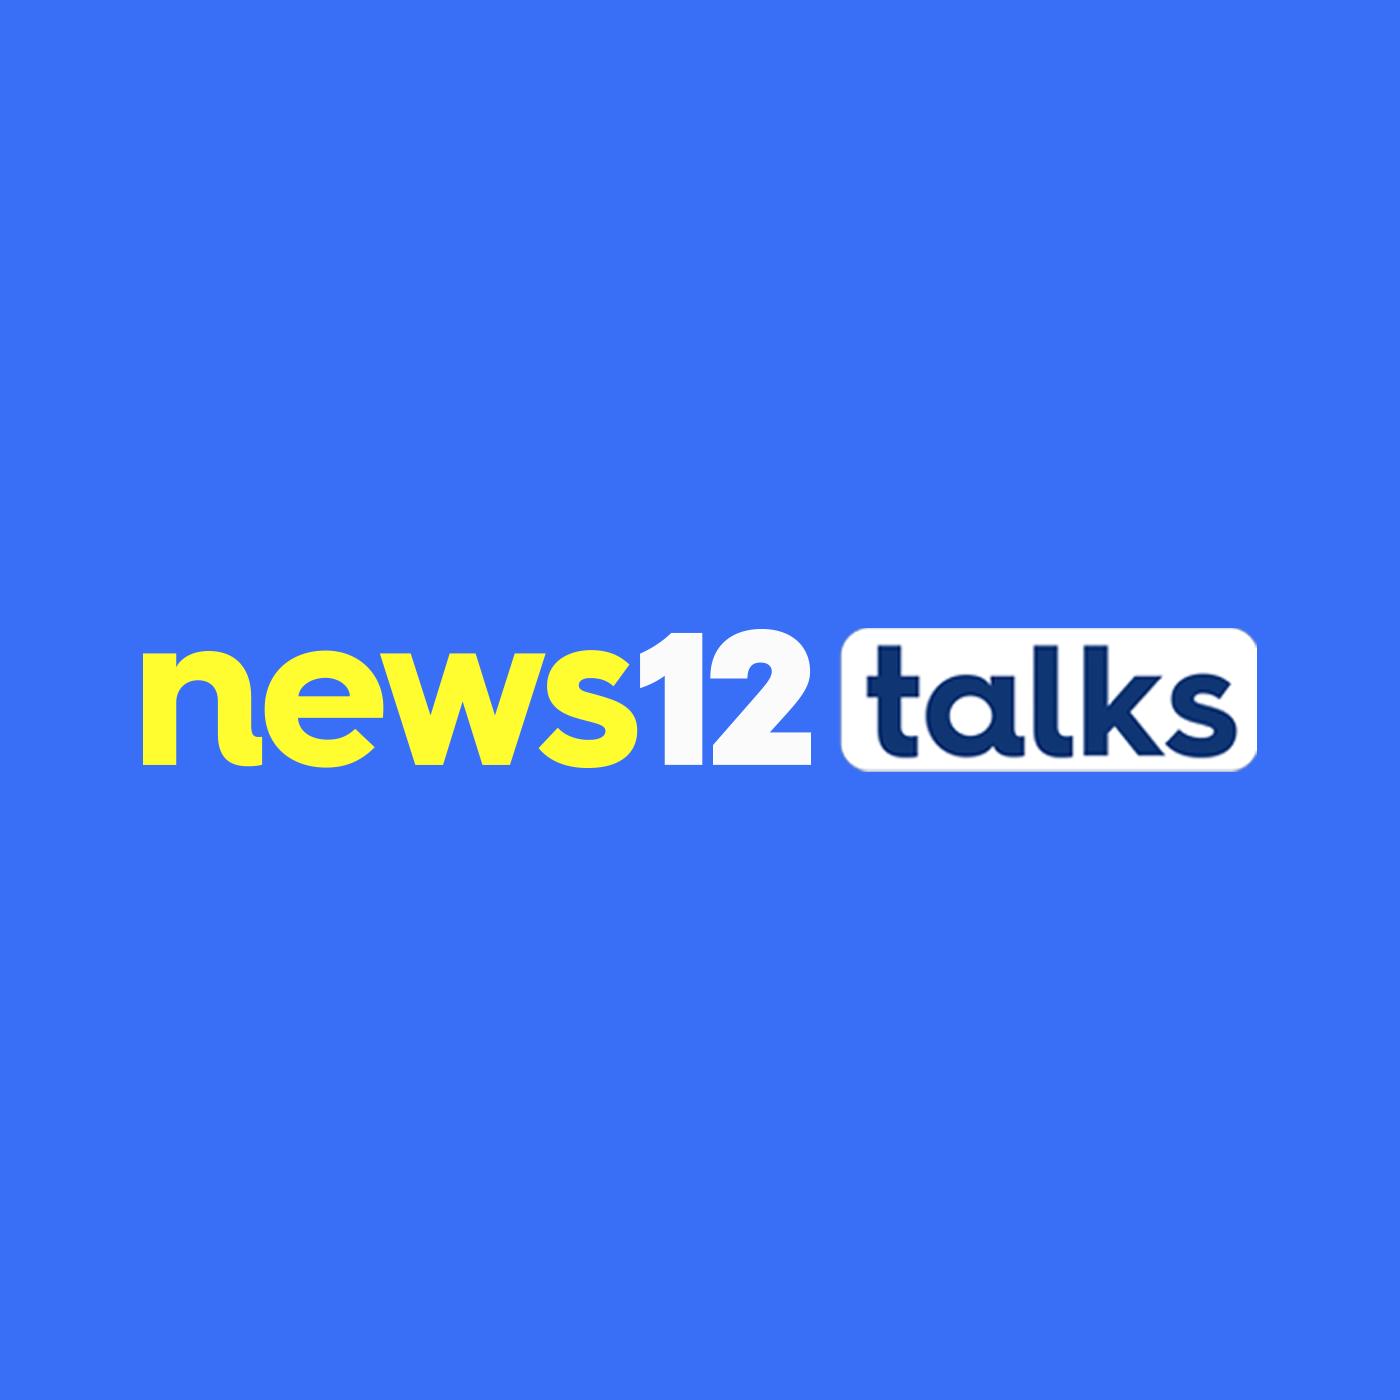 News 12 Talks New Jersey show art